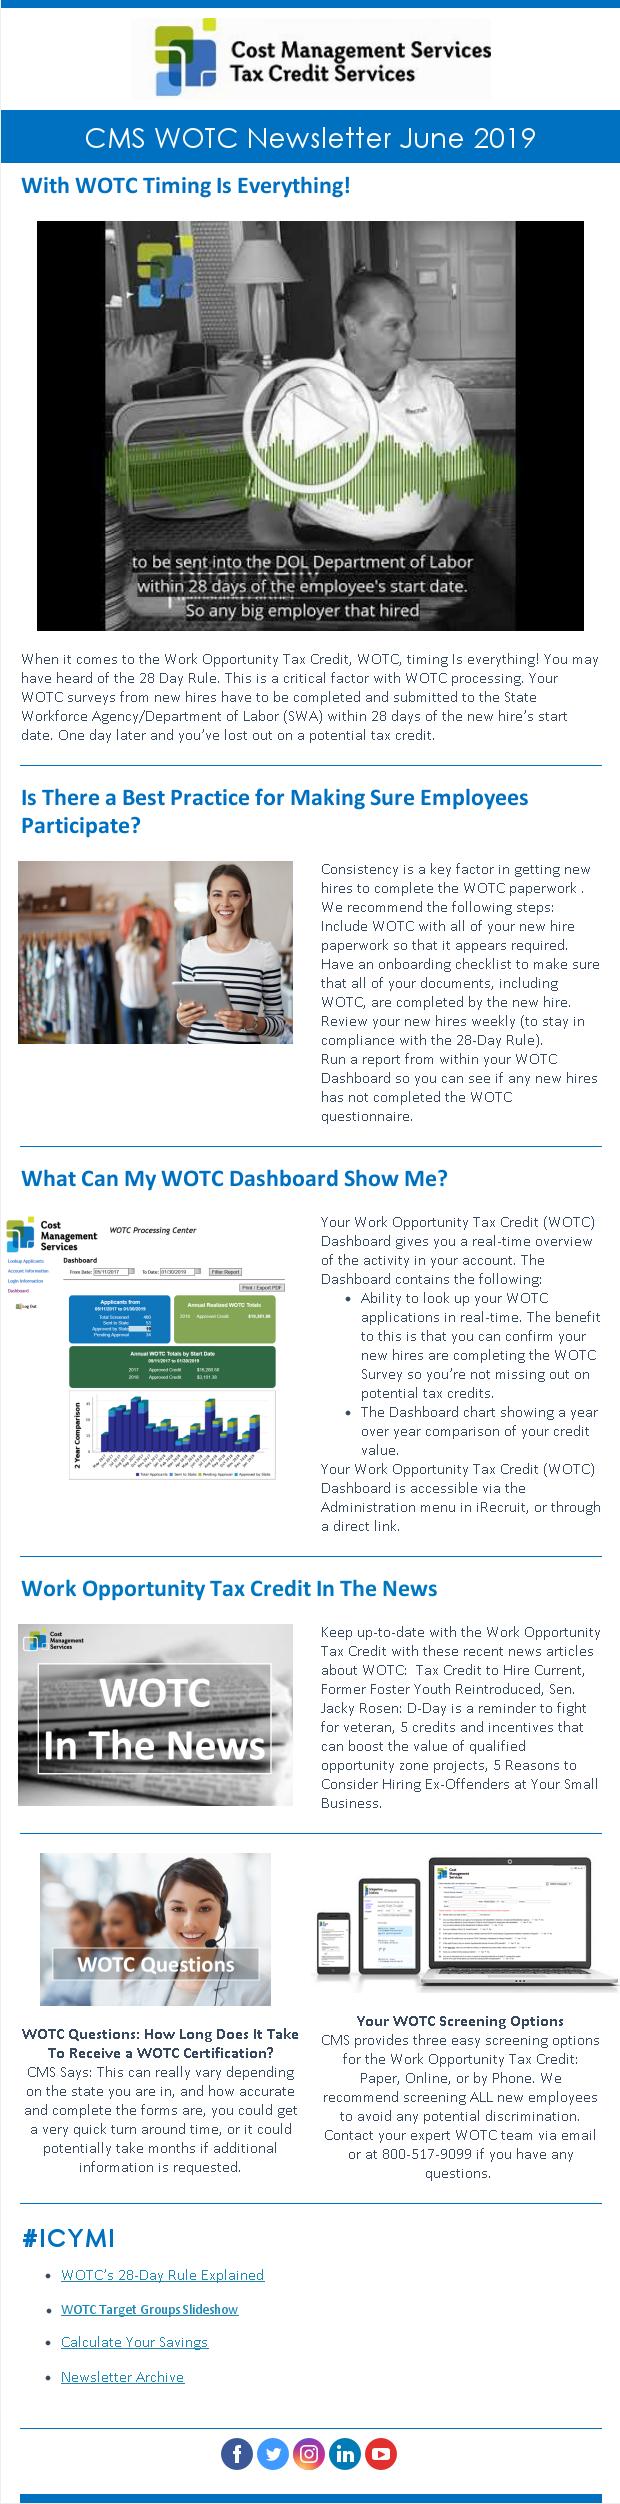 WOTC Customer Newsletter June 2019